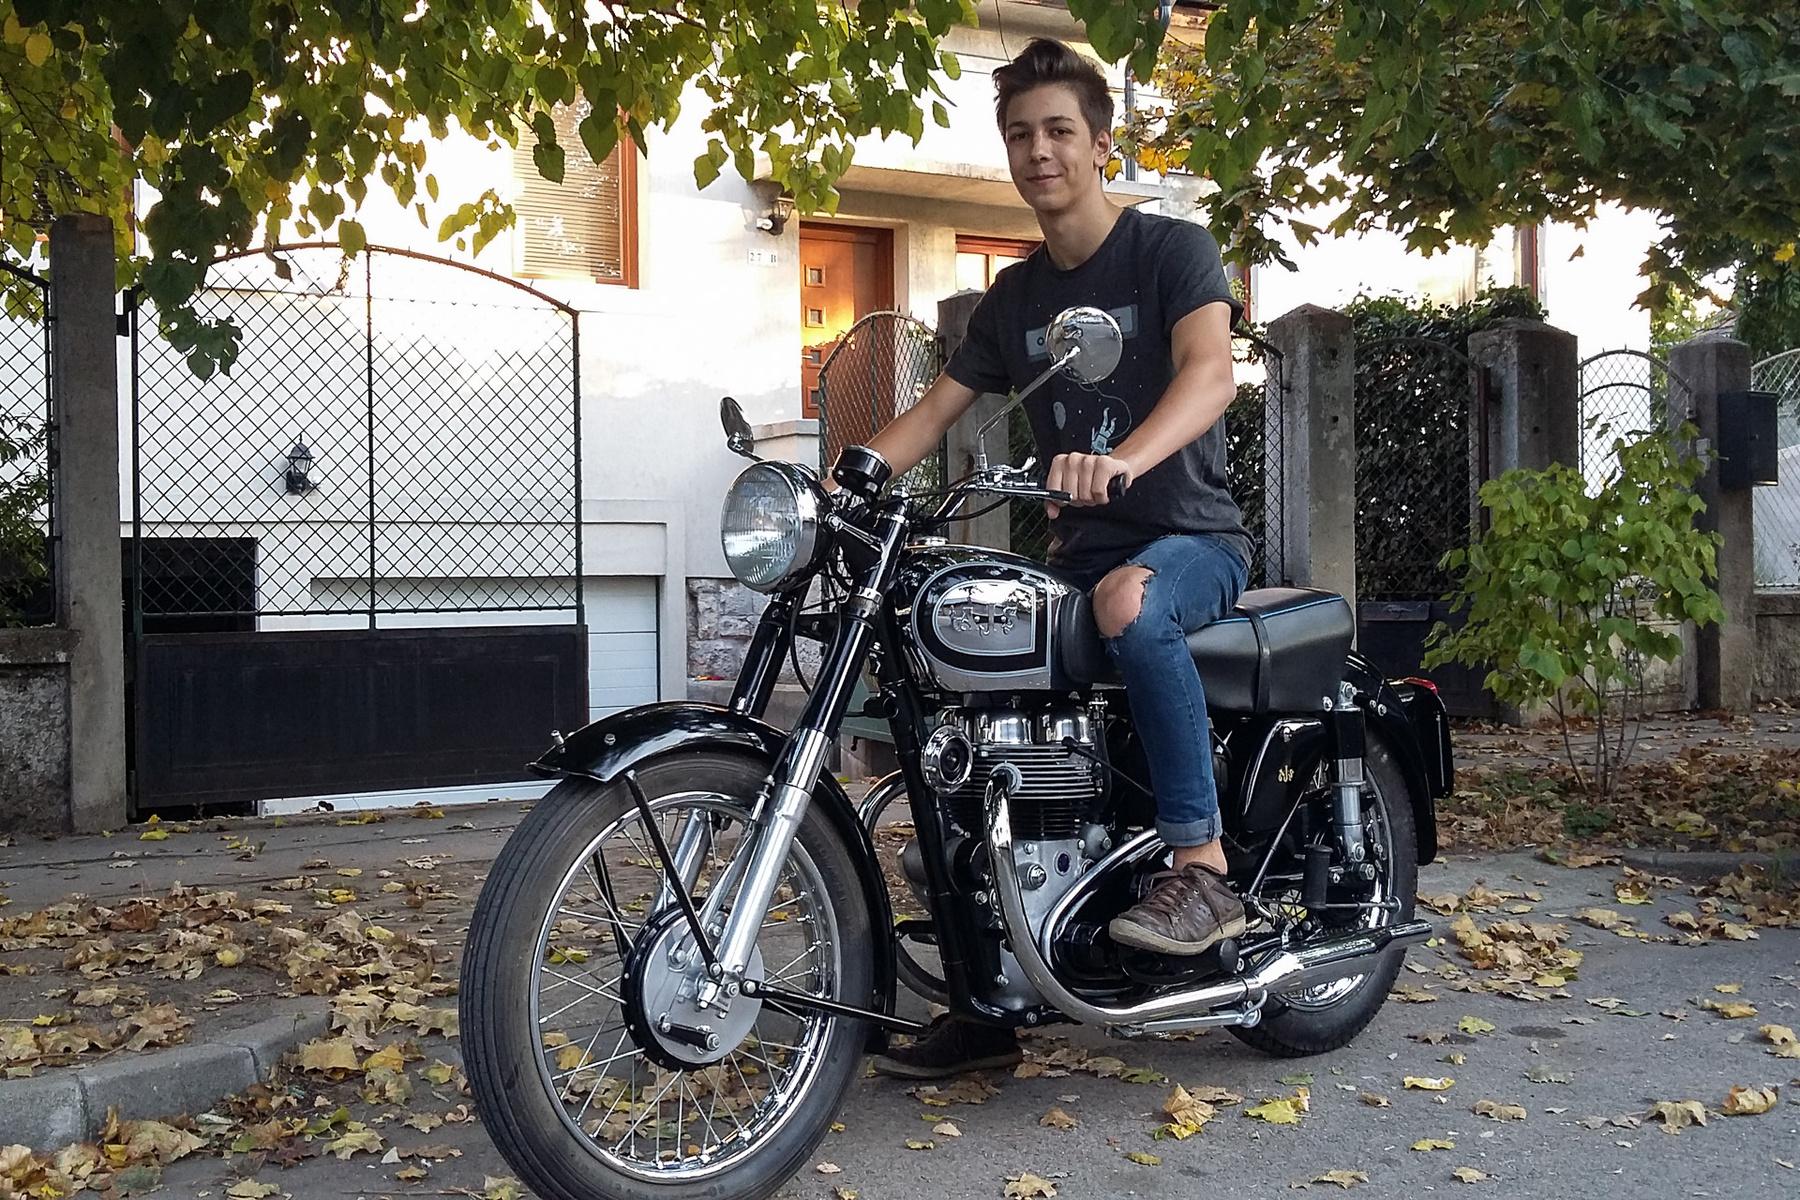 Az AJS-t és Matchlesst egyesítő AMC (Associated Motorcycles - nem összetévesztendő az amerikai AMC-vel) ötlete volt a pántos zárású primerlánc-fedél. Nagy butaság, mert könnyebb talán szerelni, mint a sokcsavaros, hagyományost, de még annál is jobban hajlamos elcsöpögtetni az olajat. Az enyém is körbepisili a területét